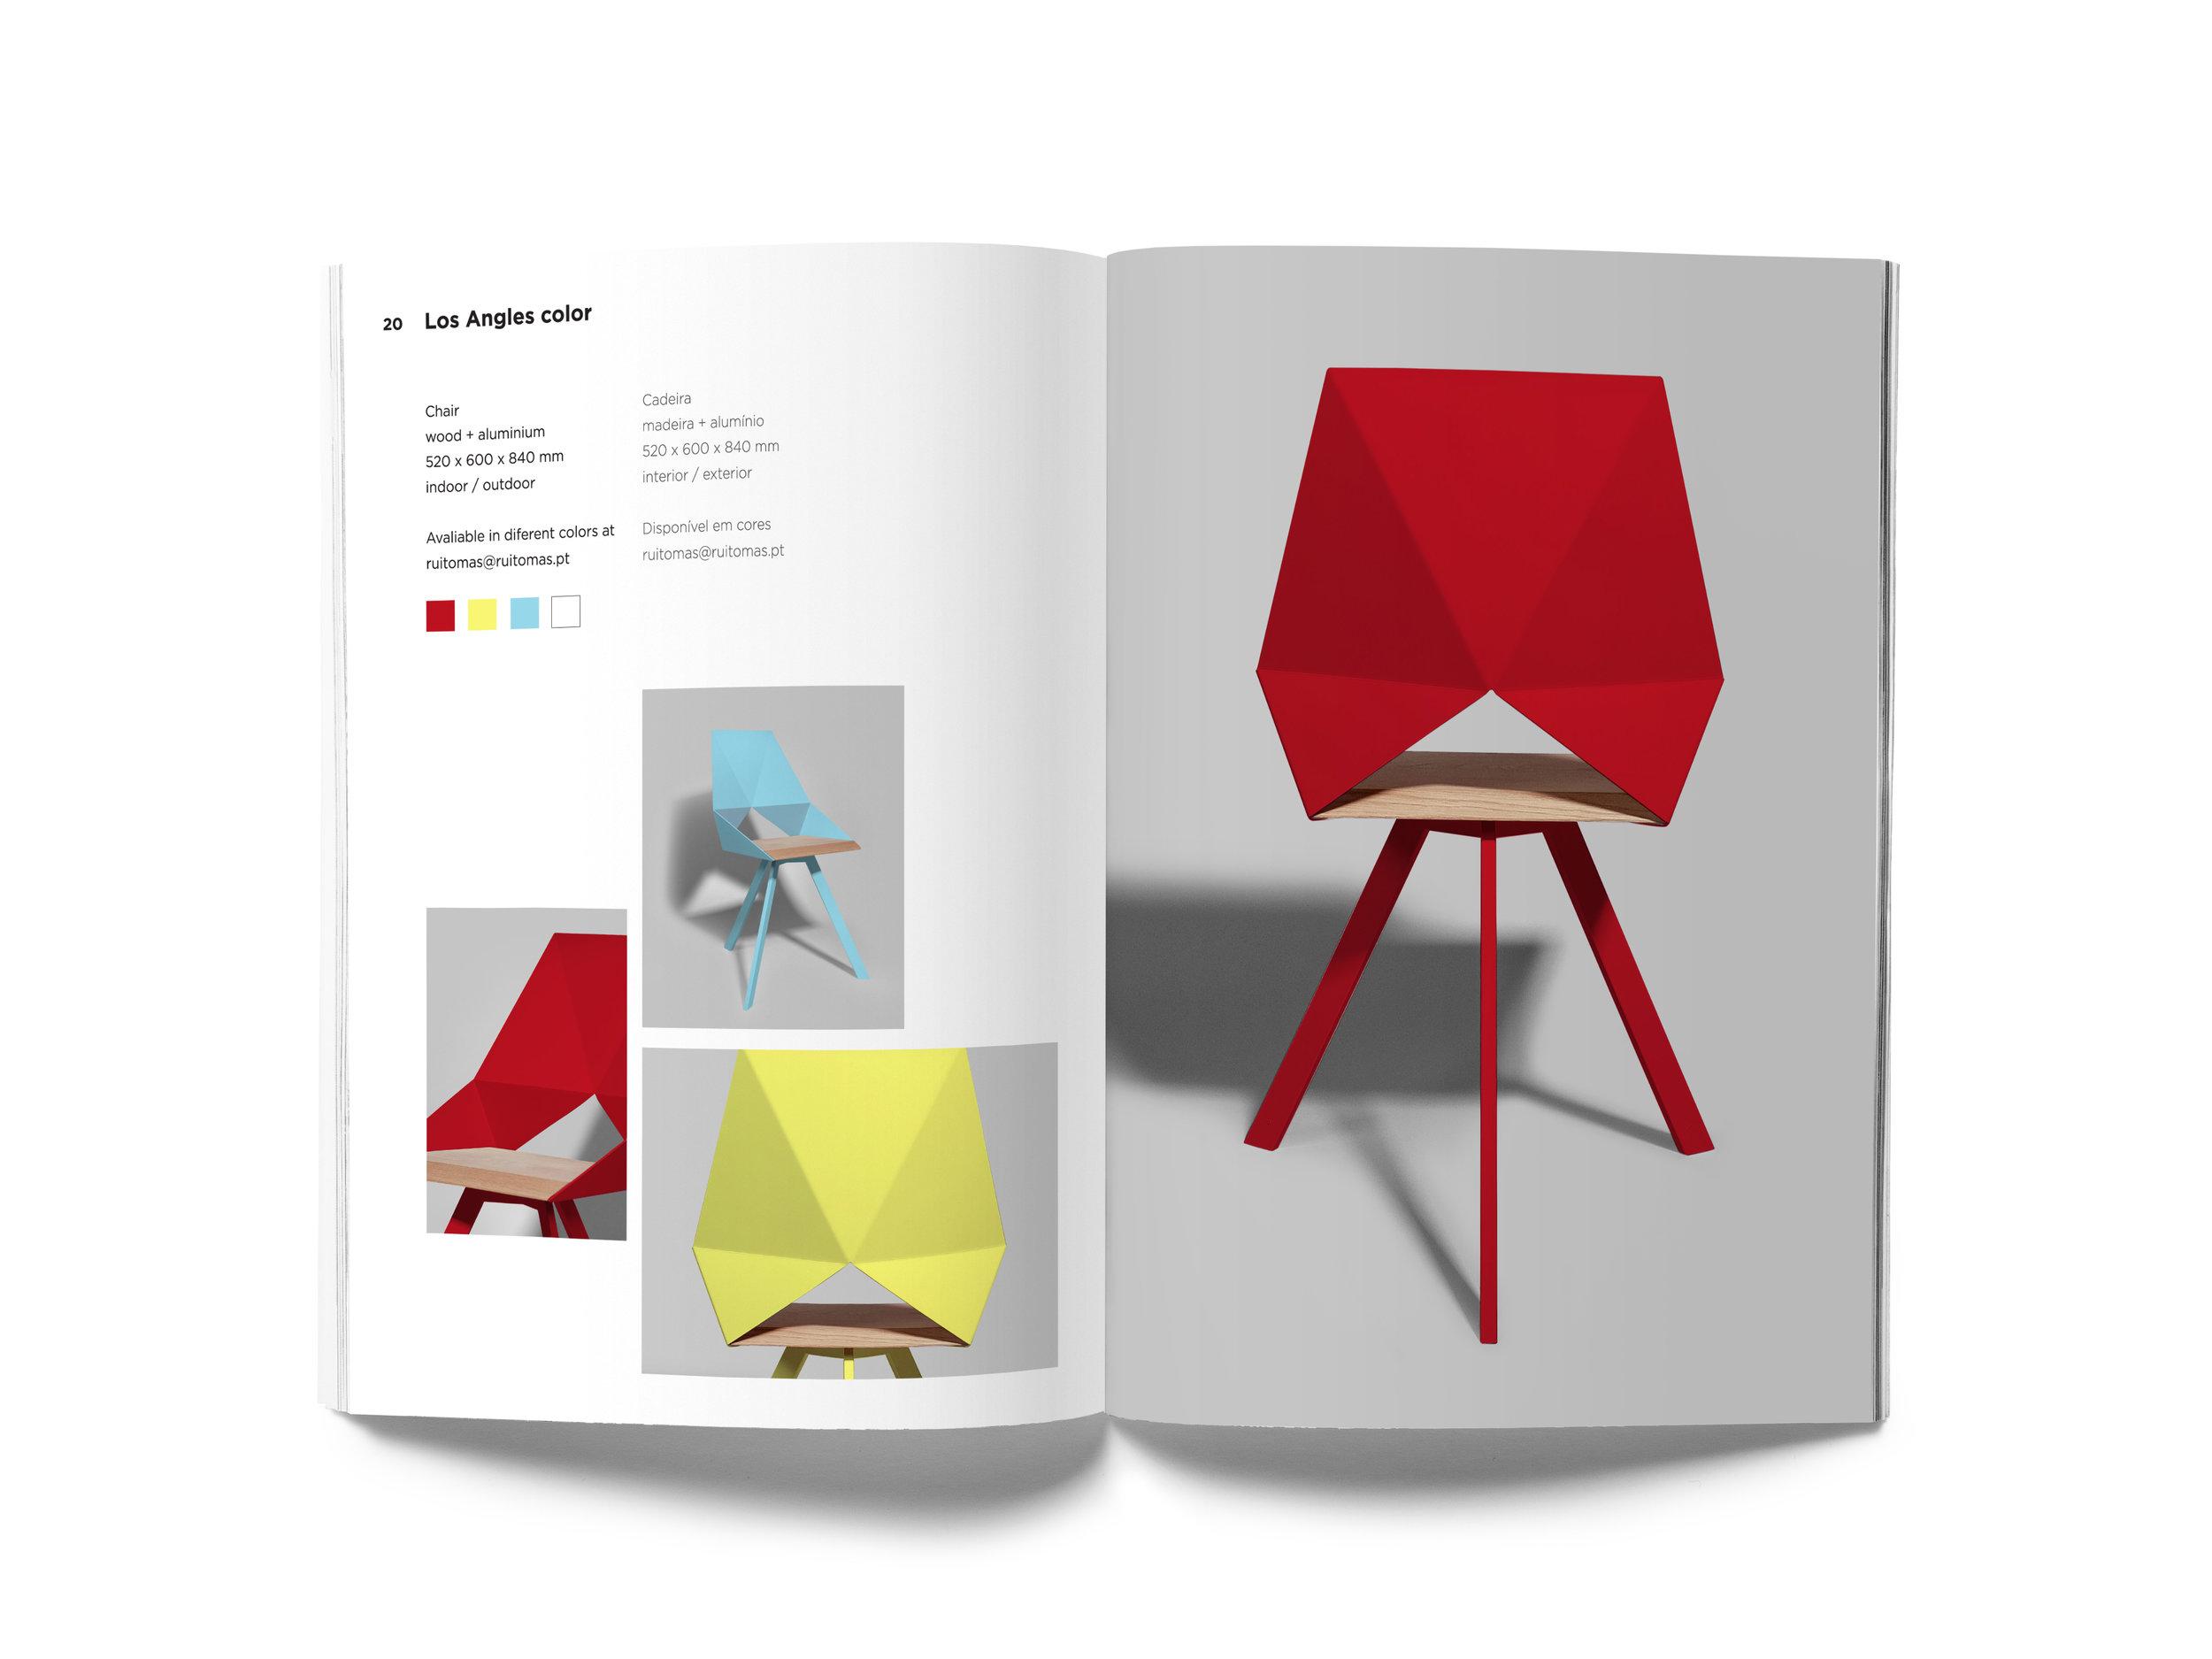 Design by Rui Tomás.jpg